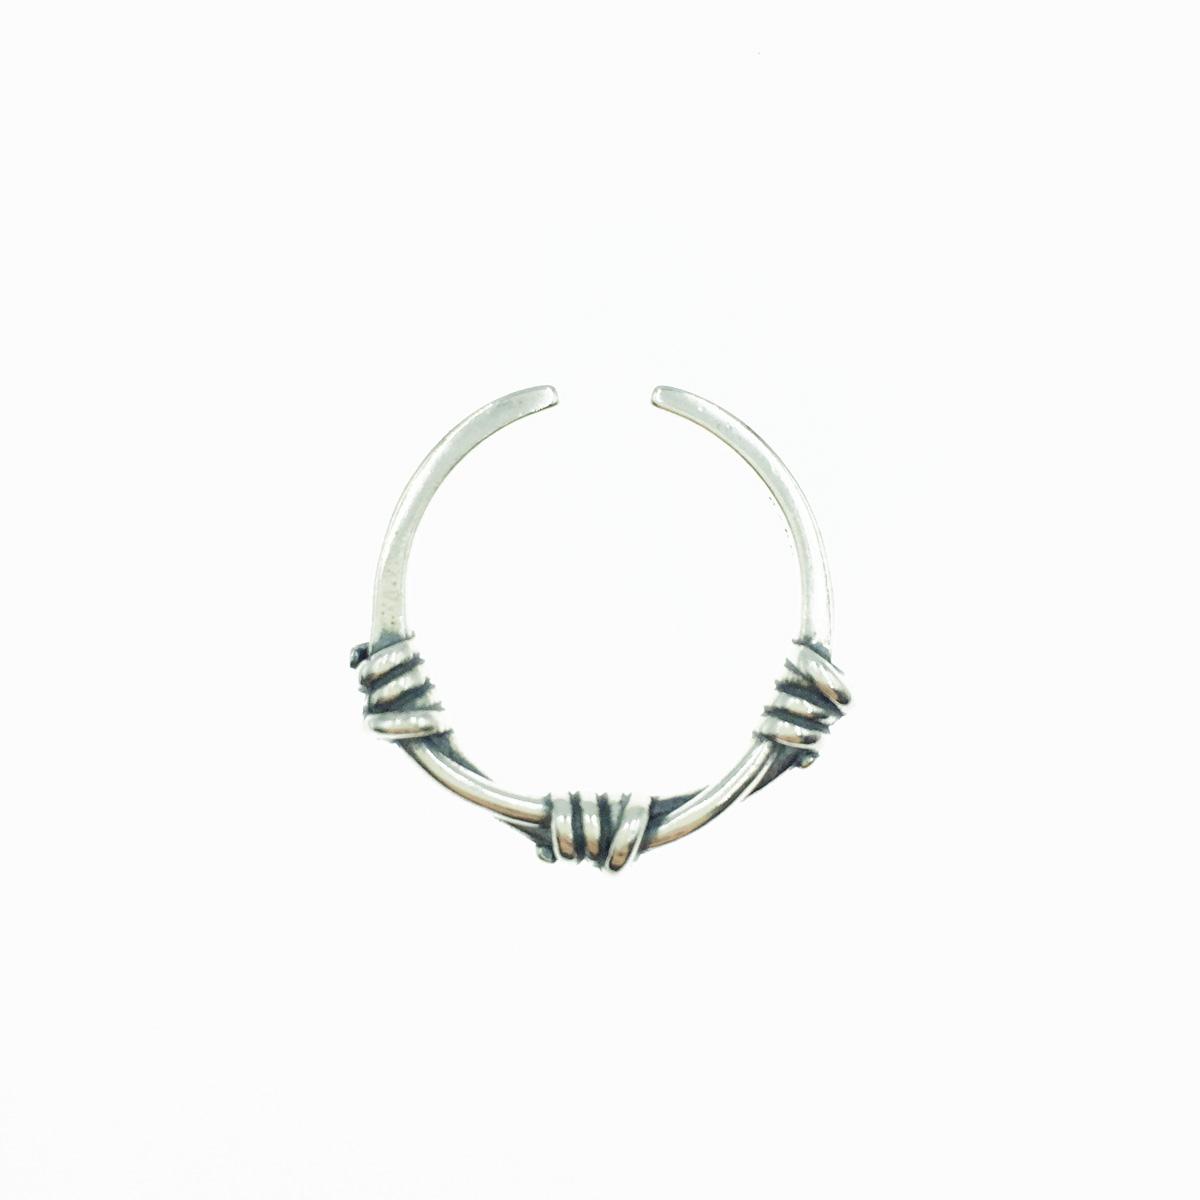 韓國 925純銀 螺旋交錯 歐美金屬風 個性款 戒指